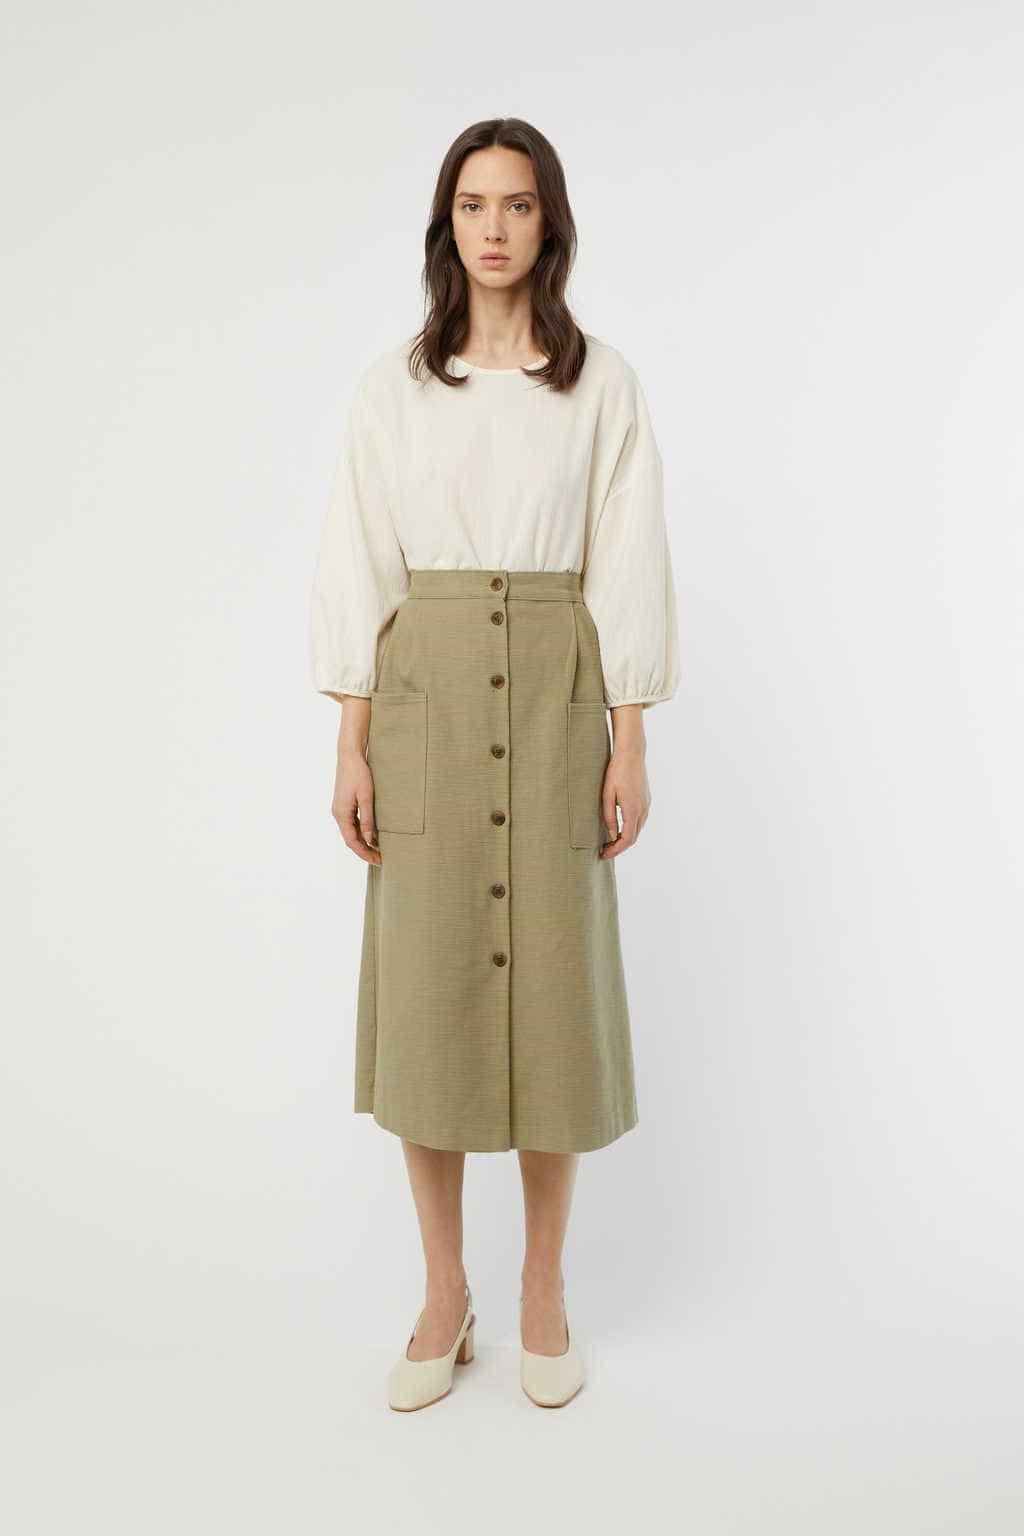 Skirt K003 Olive 9